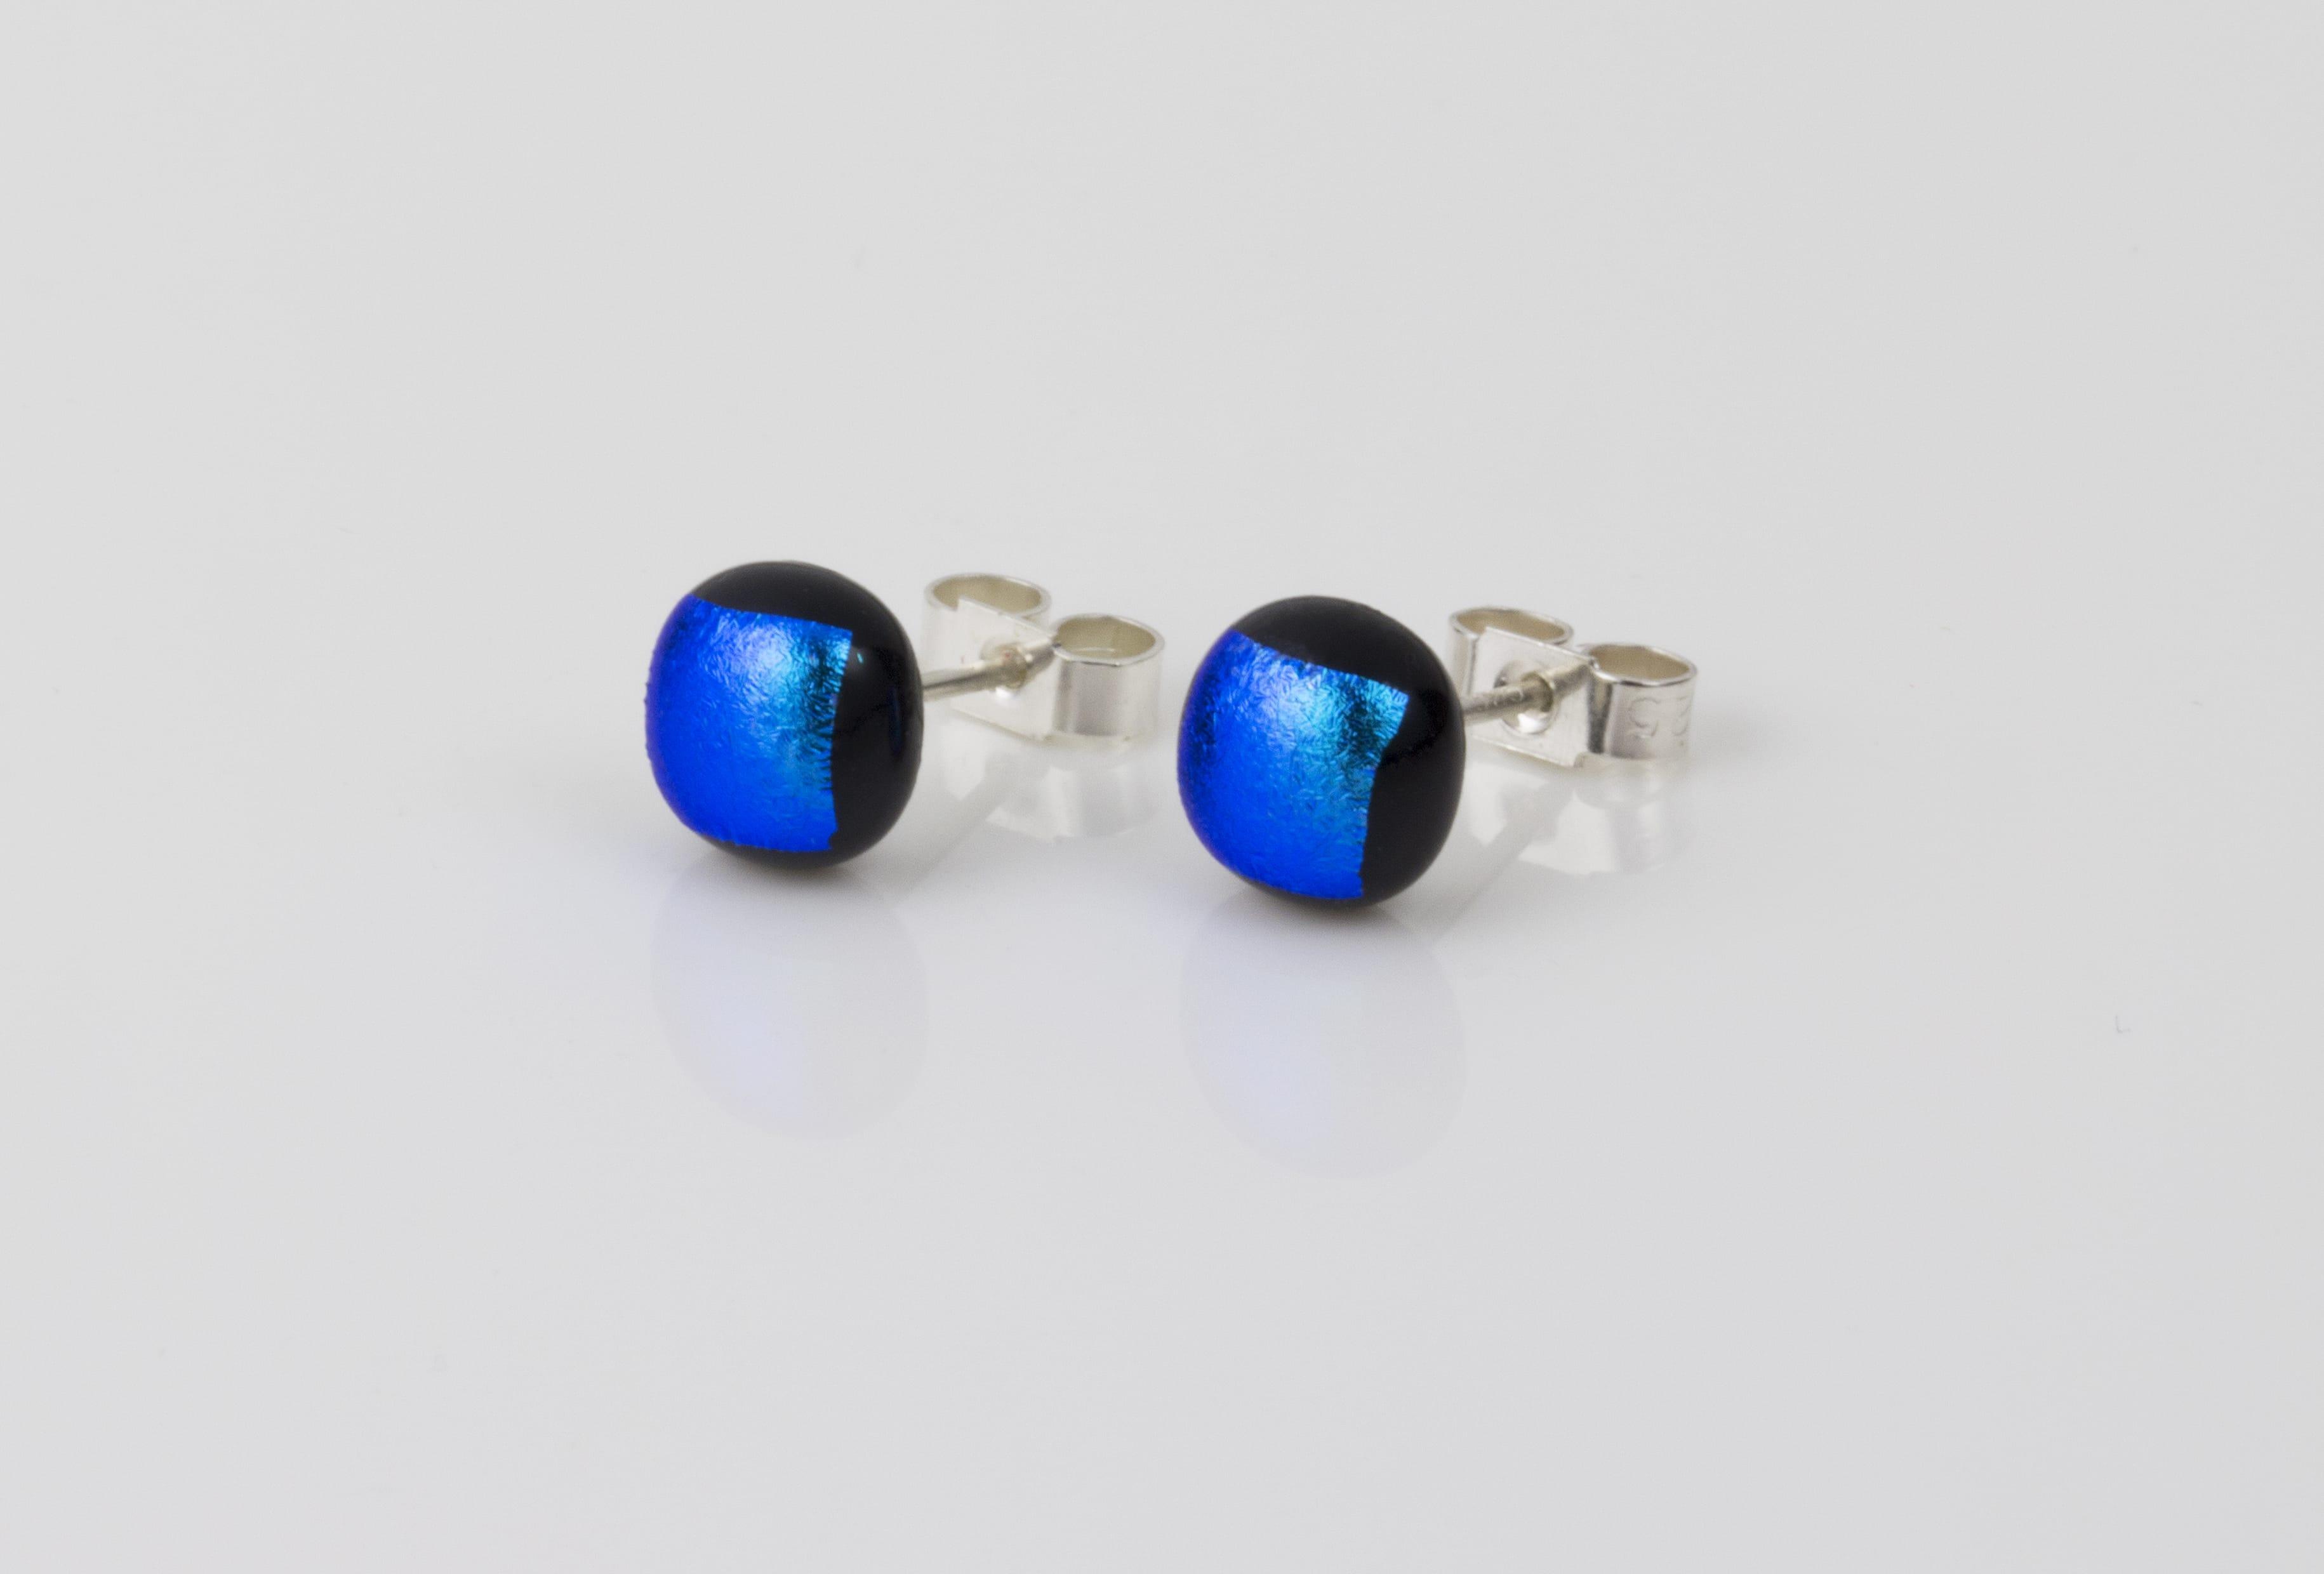 Handmade Jewellery :: Stud Earrings :: Teal handmade earrings